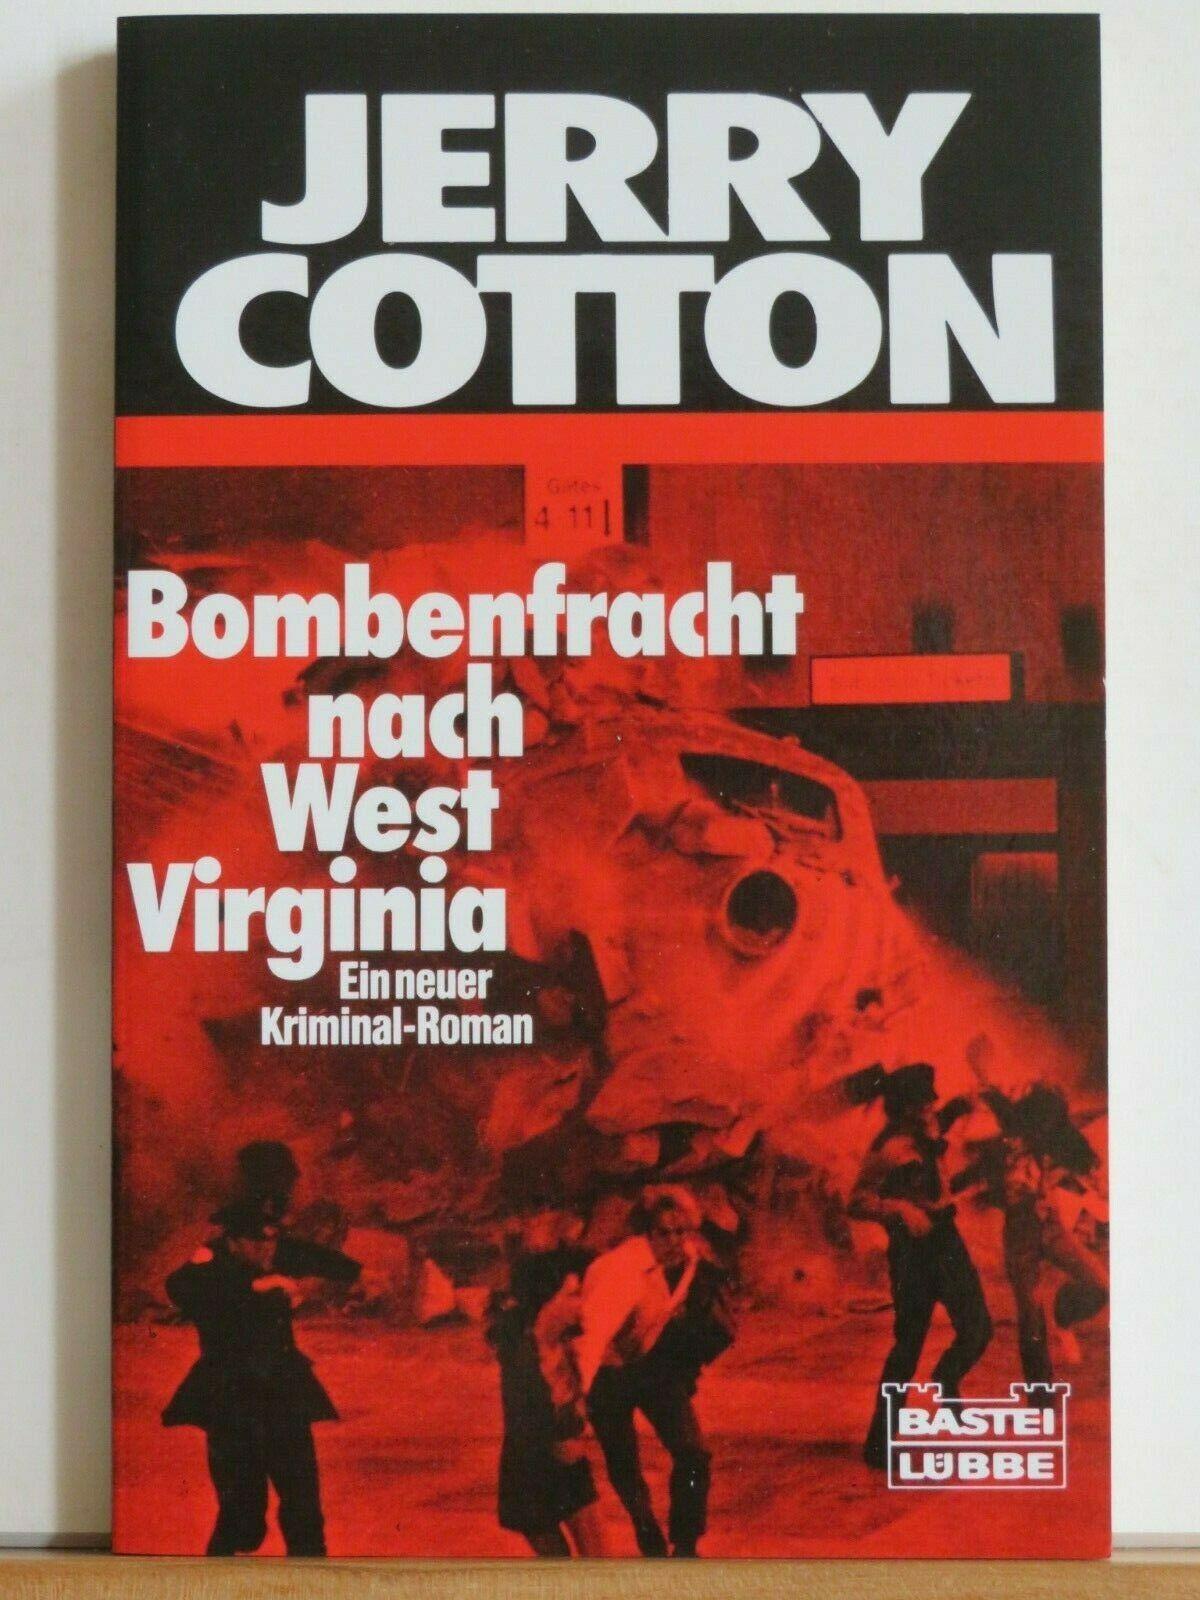 Jerry Cotton - Bombenfracht nach West Virginia - Ein neuer Kriminalroman